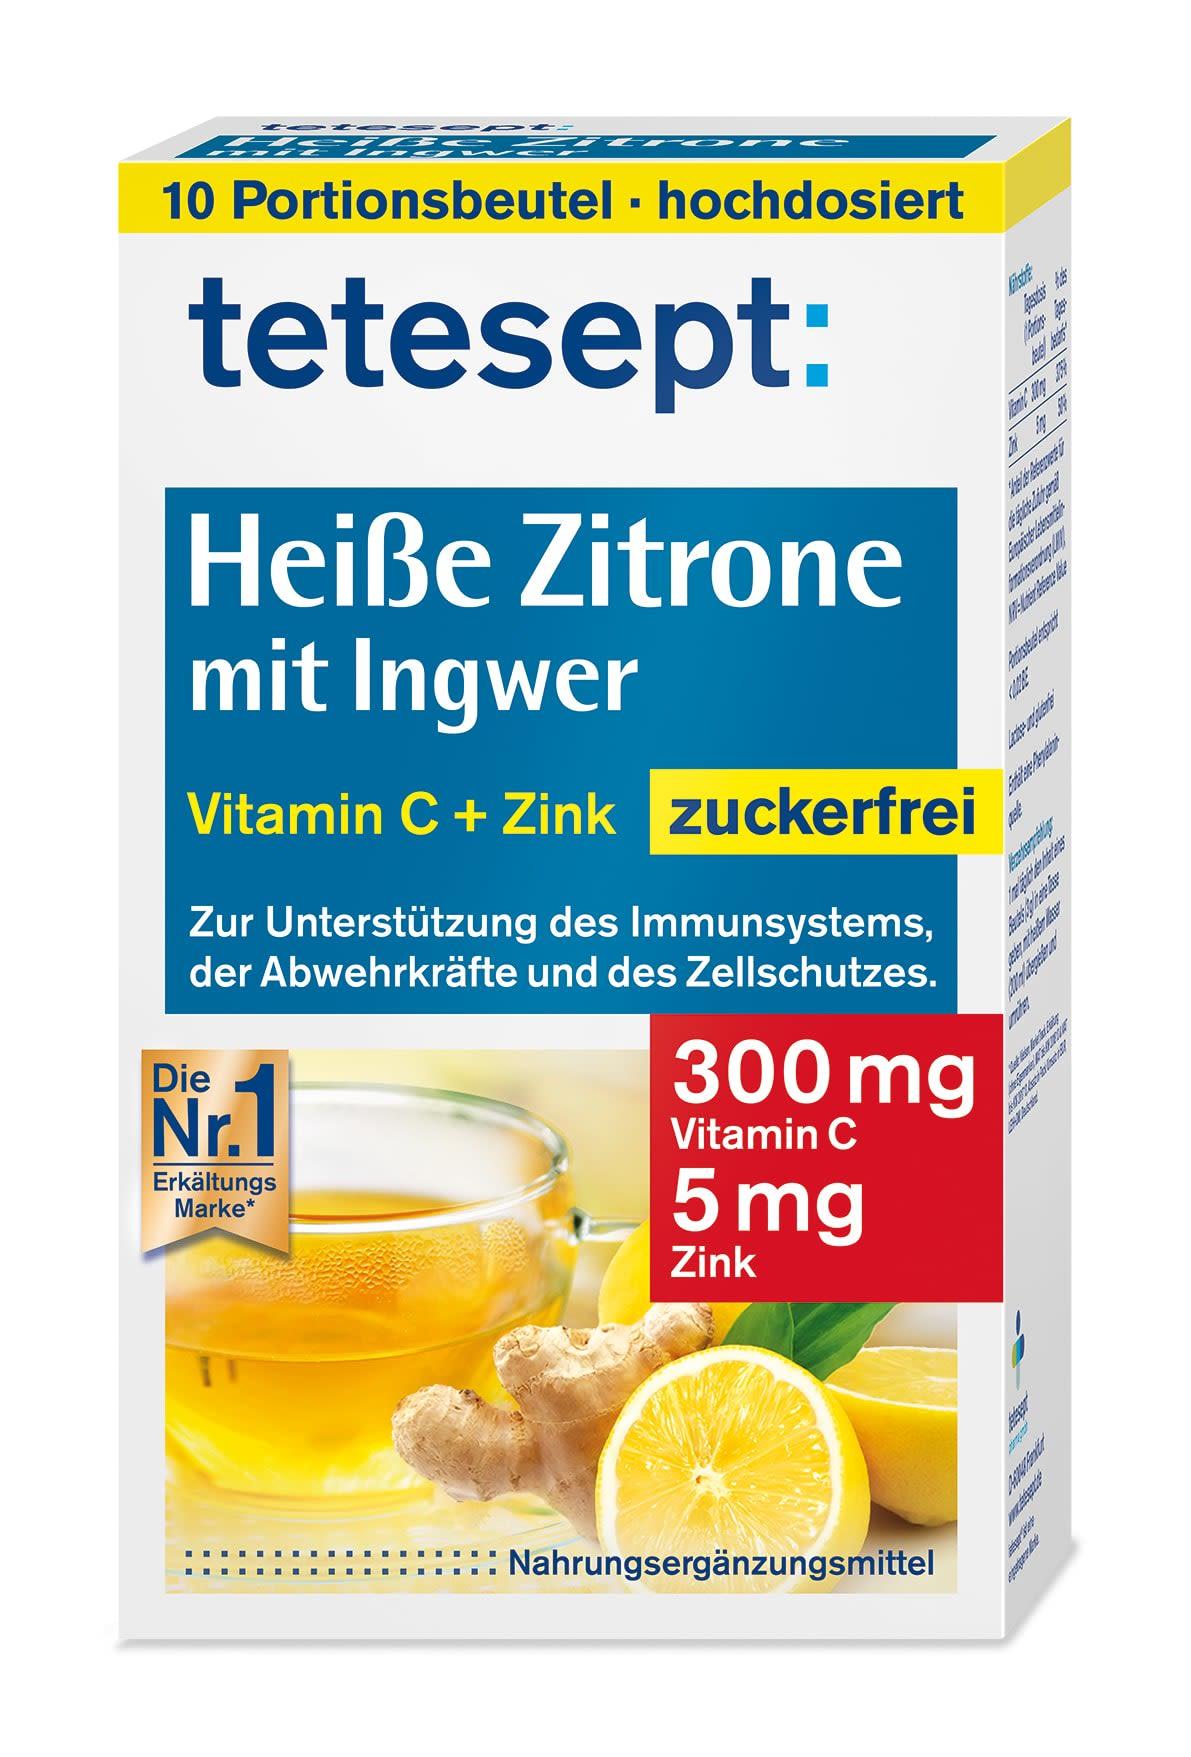 Heiße Zitrone mit Ingwer Zuckerfrei (10x3g)